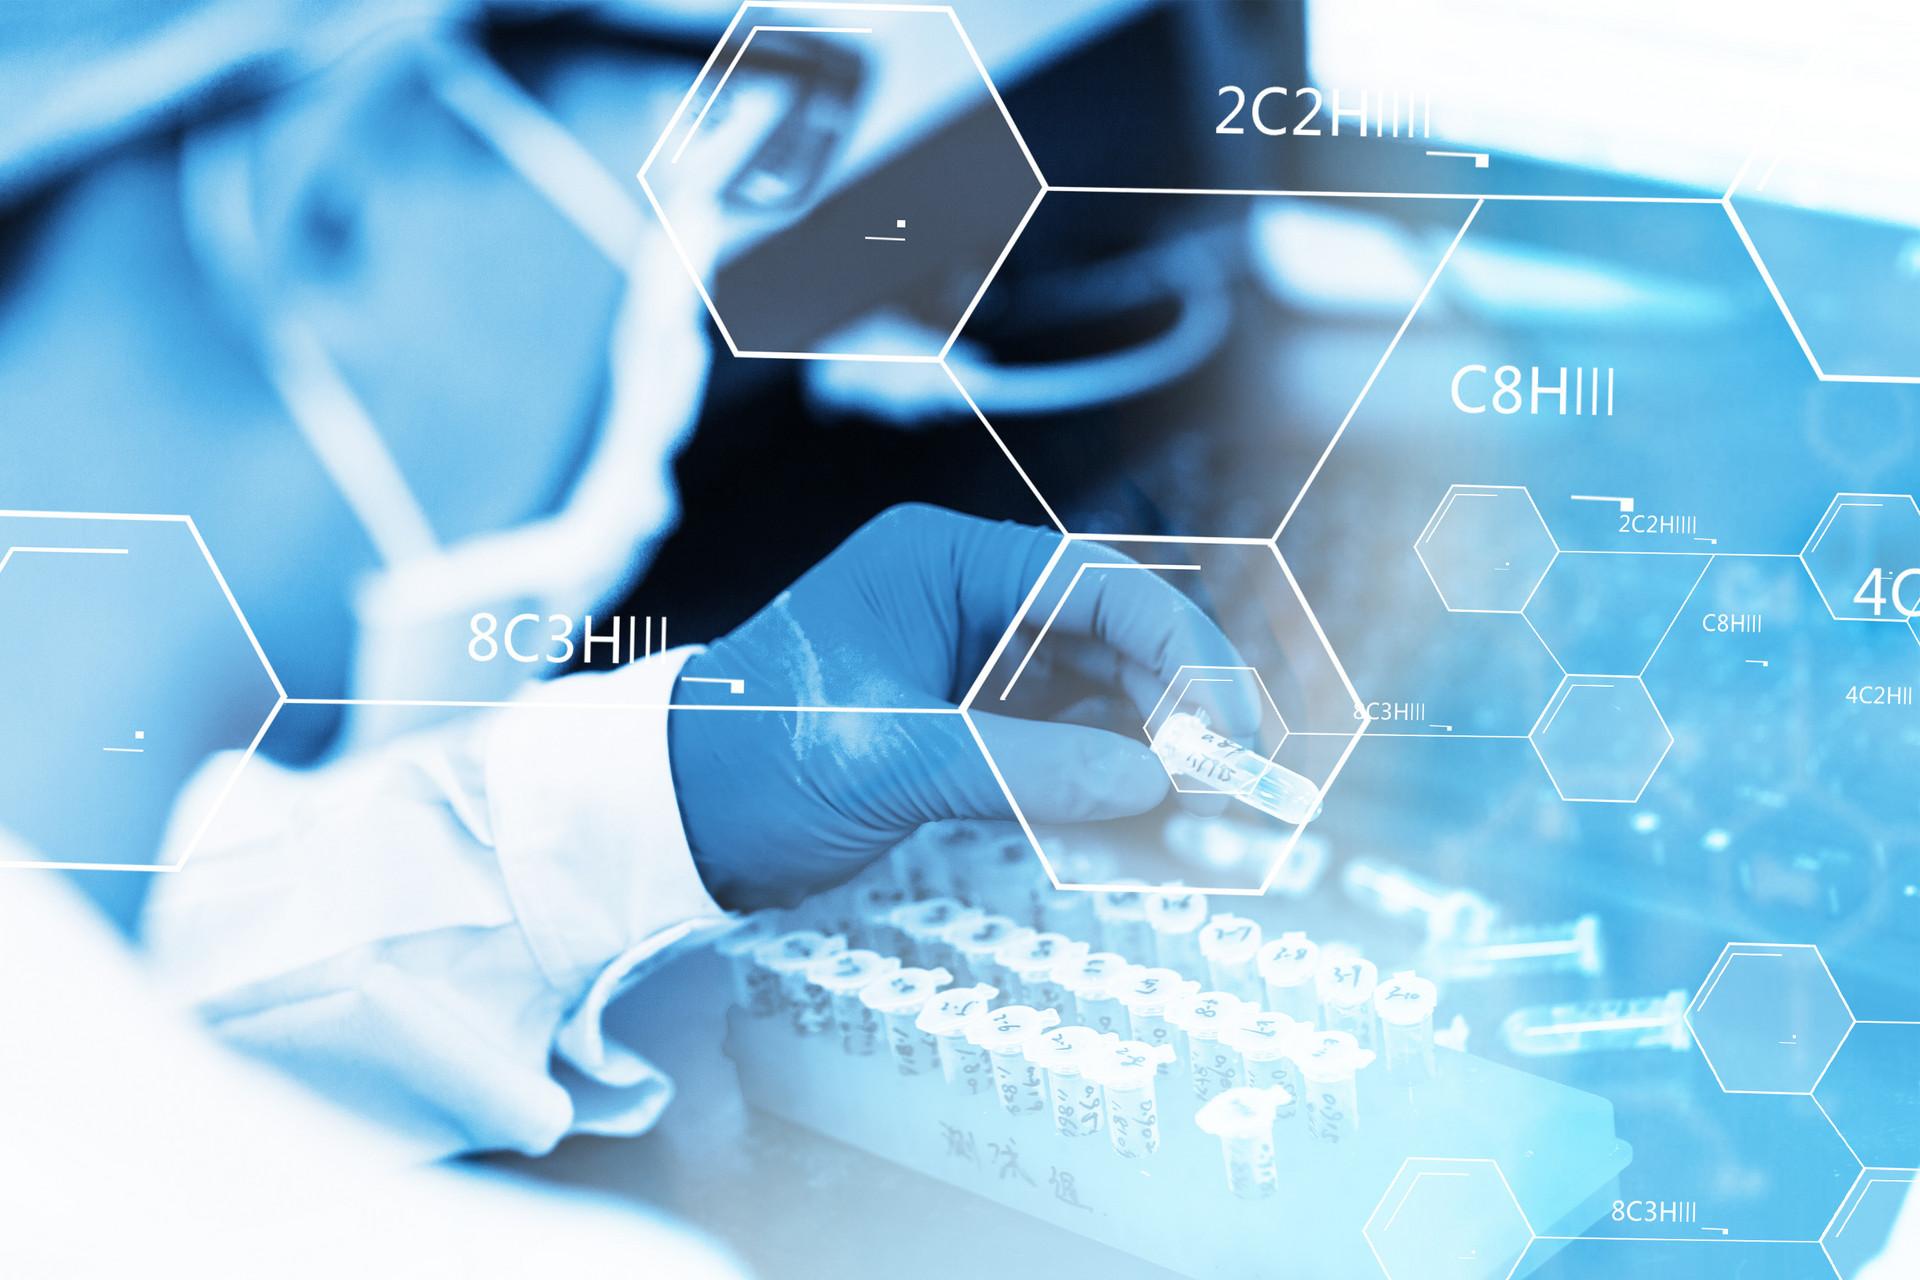 基石药业多特异性抗体药物在中国临床试验申请获受理 管线2.0战略进一步深化与拓展